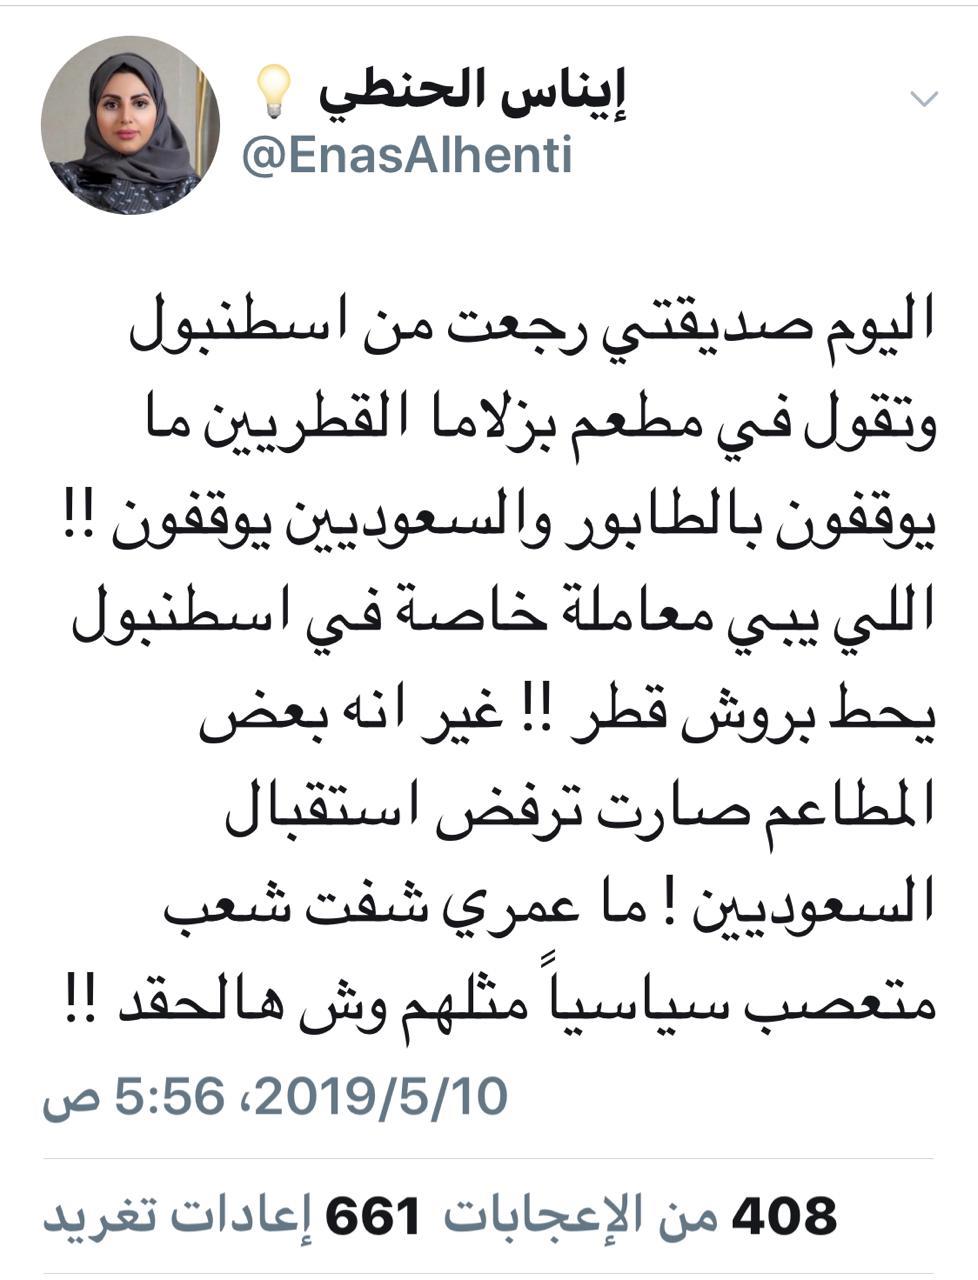 ماذا يحدث للسعوديين بتركيا !